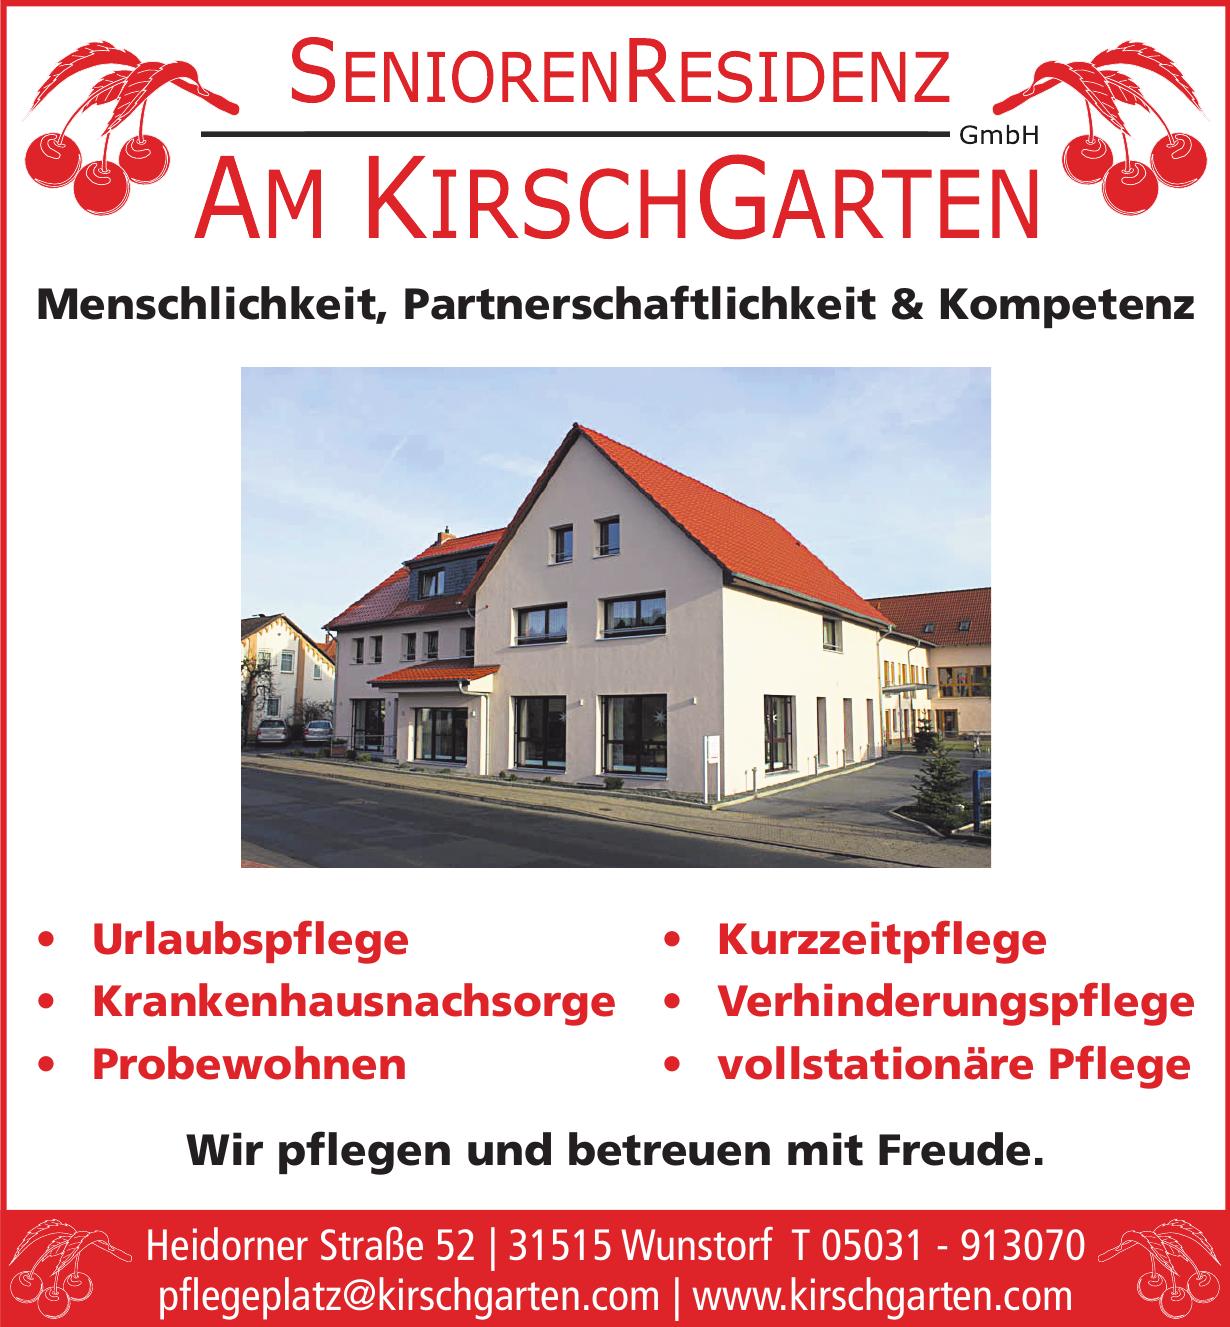 Senioren Residenz Am Kirch Garten GmbH